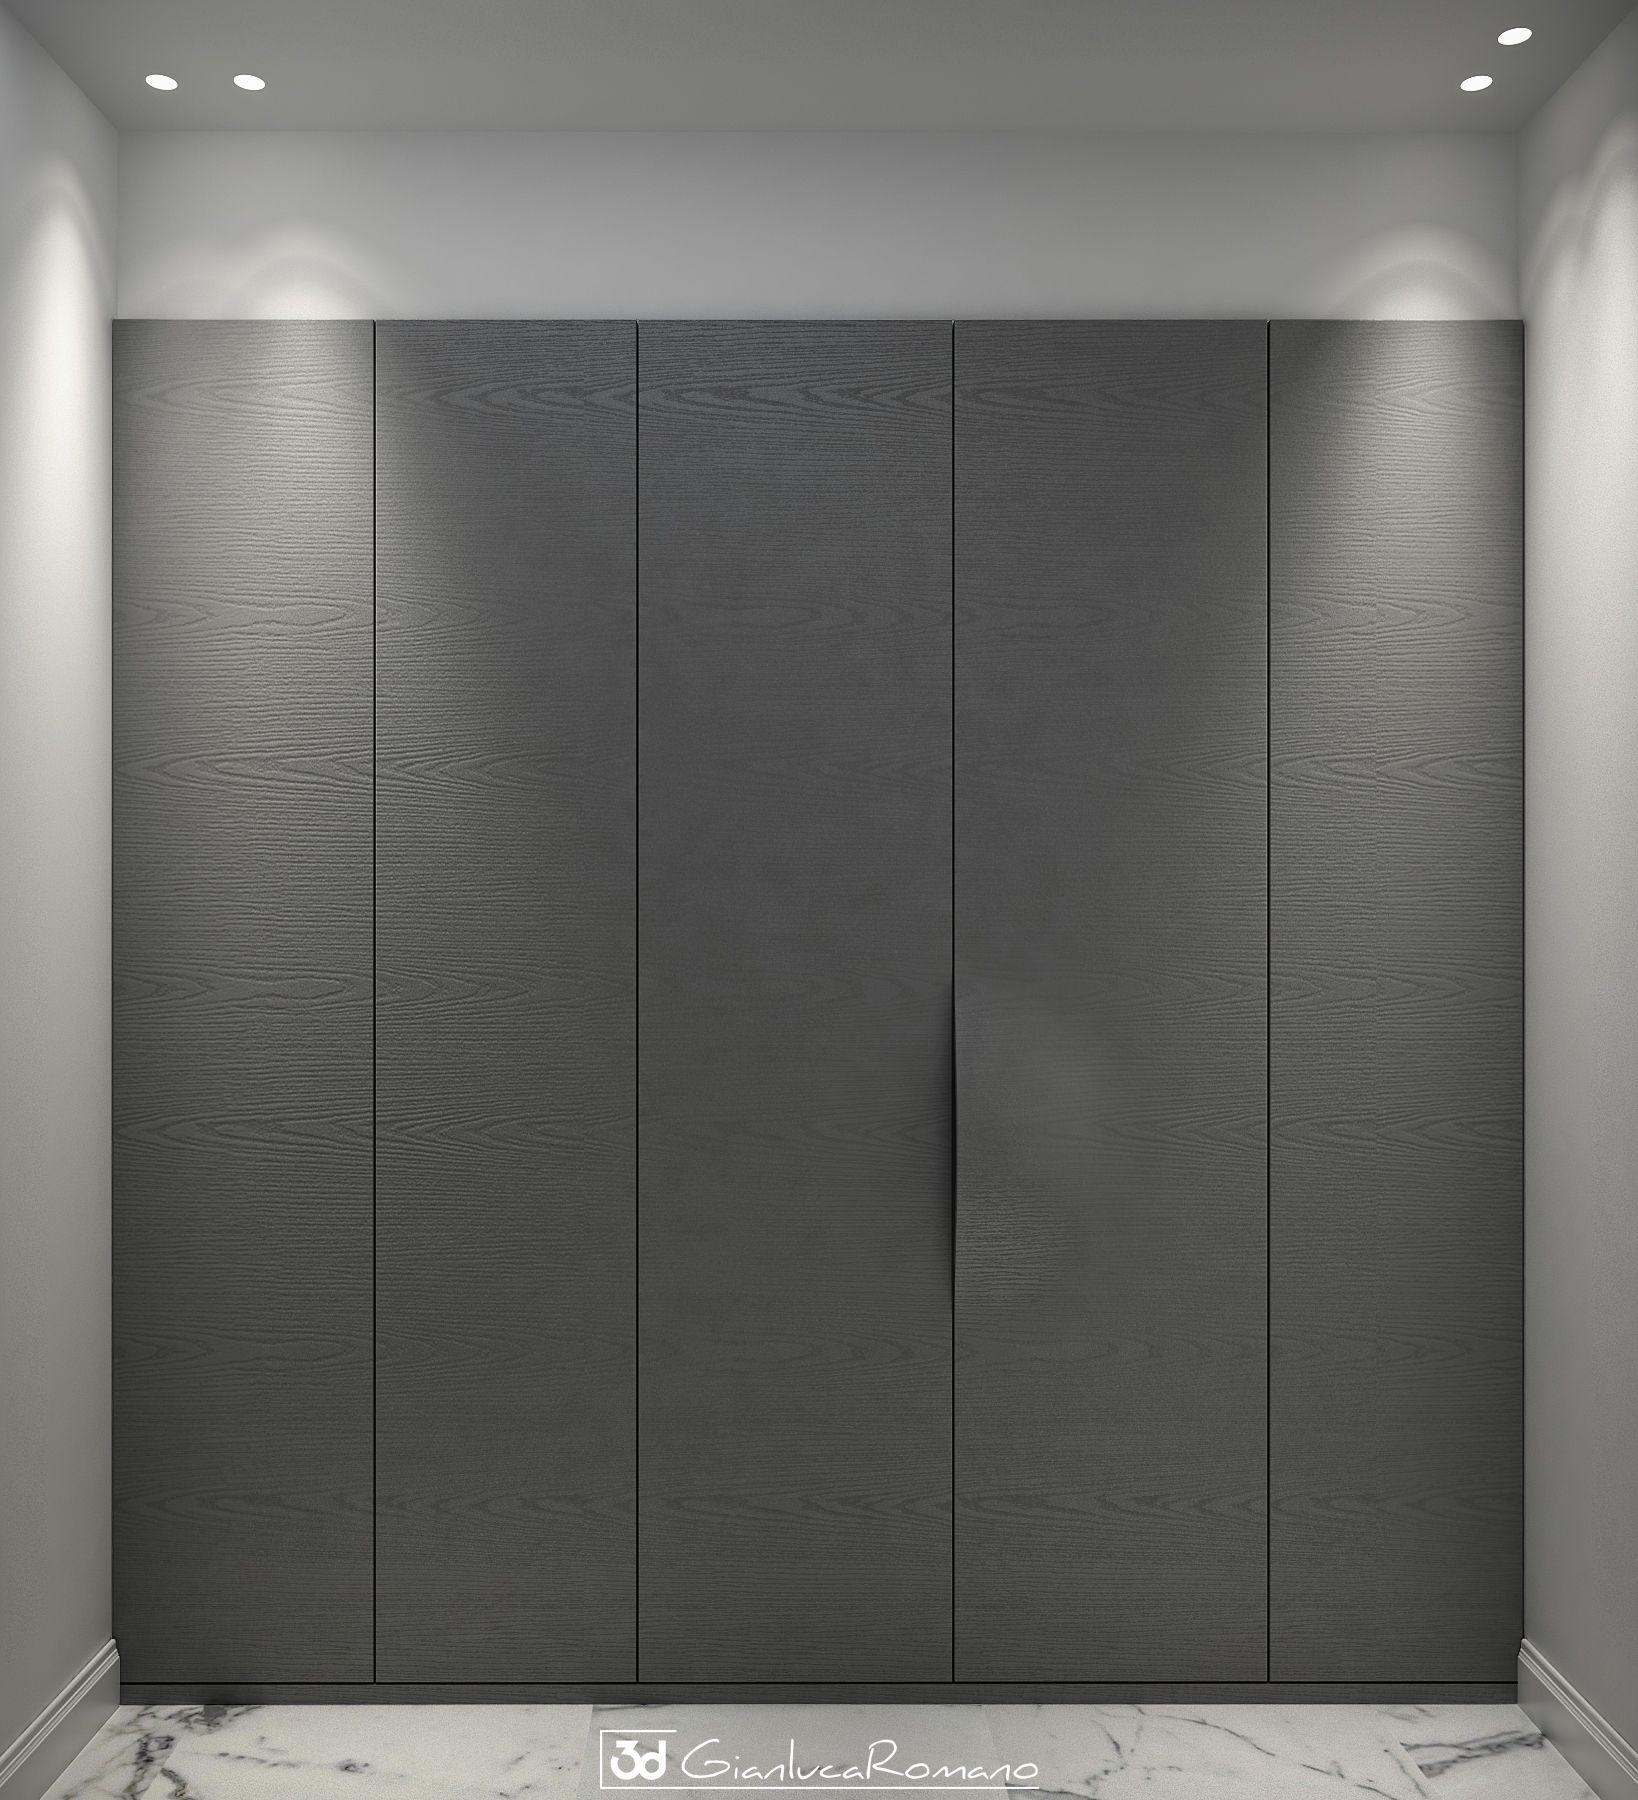 Armadio A Muro Design antibagno - armadio a muro | armadio a muro, arredamento